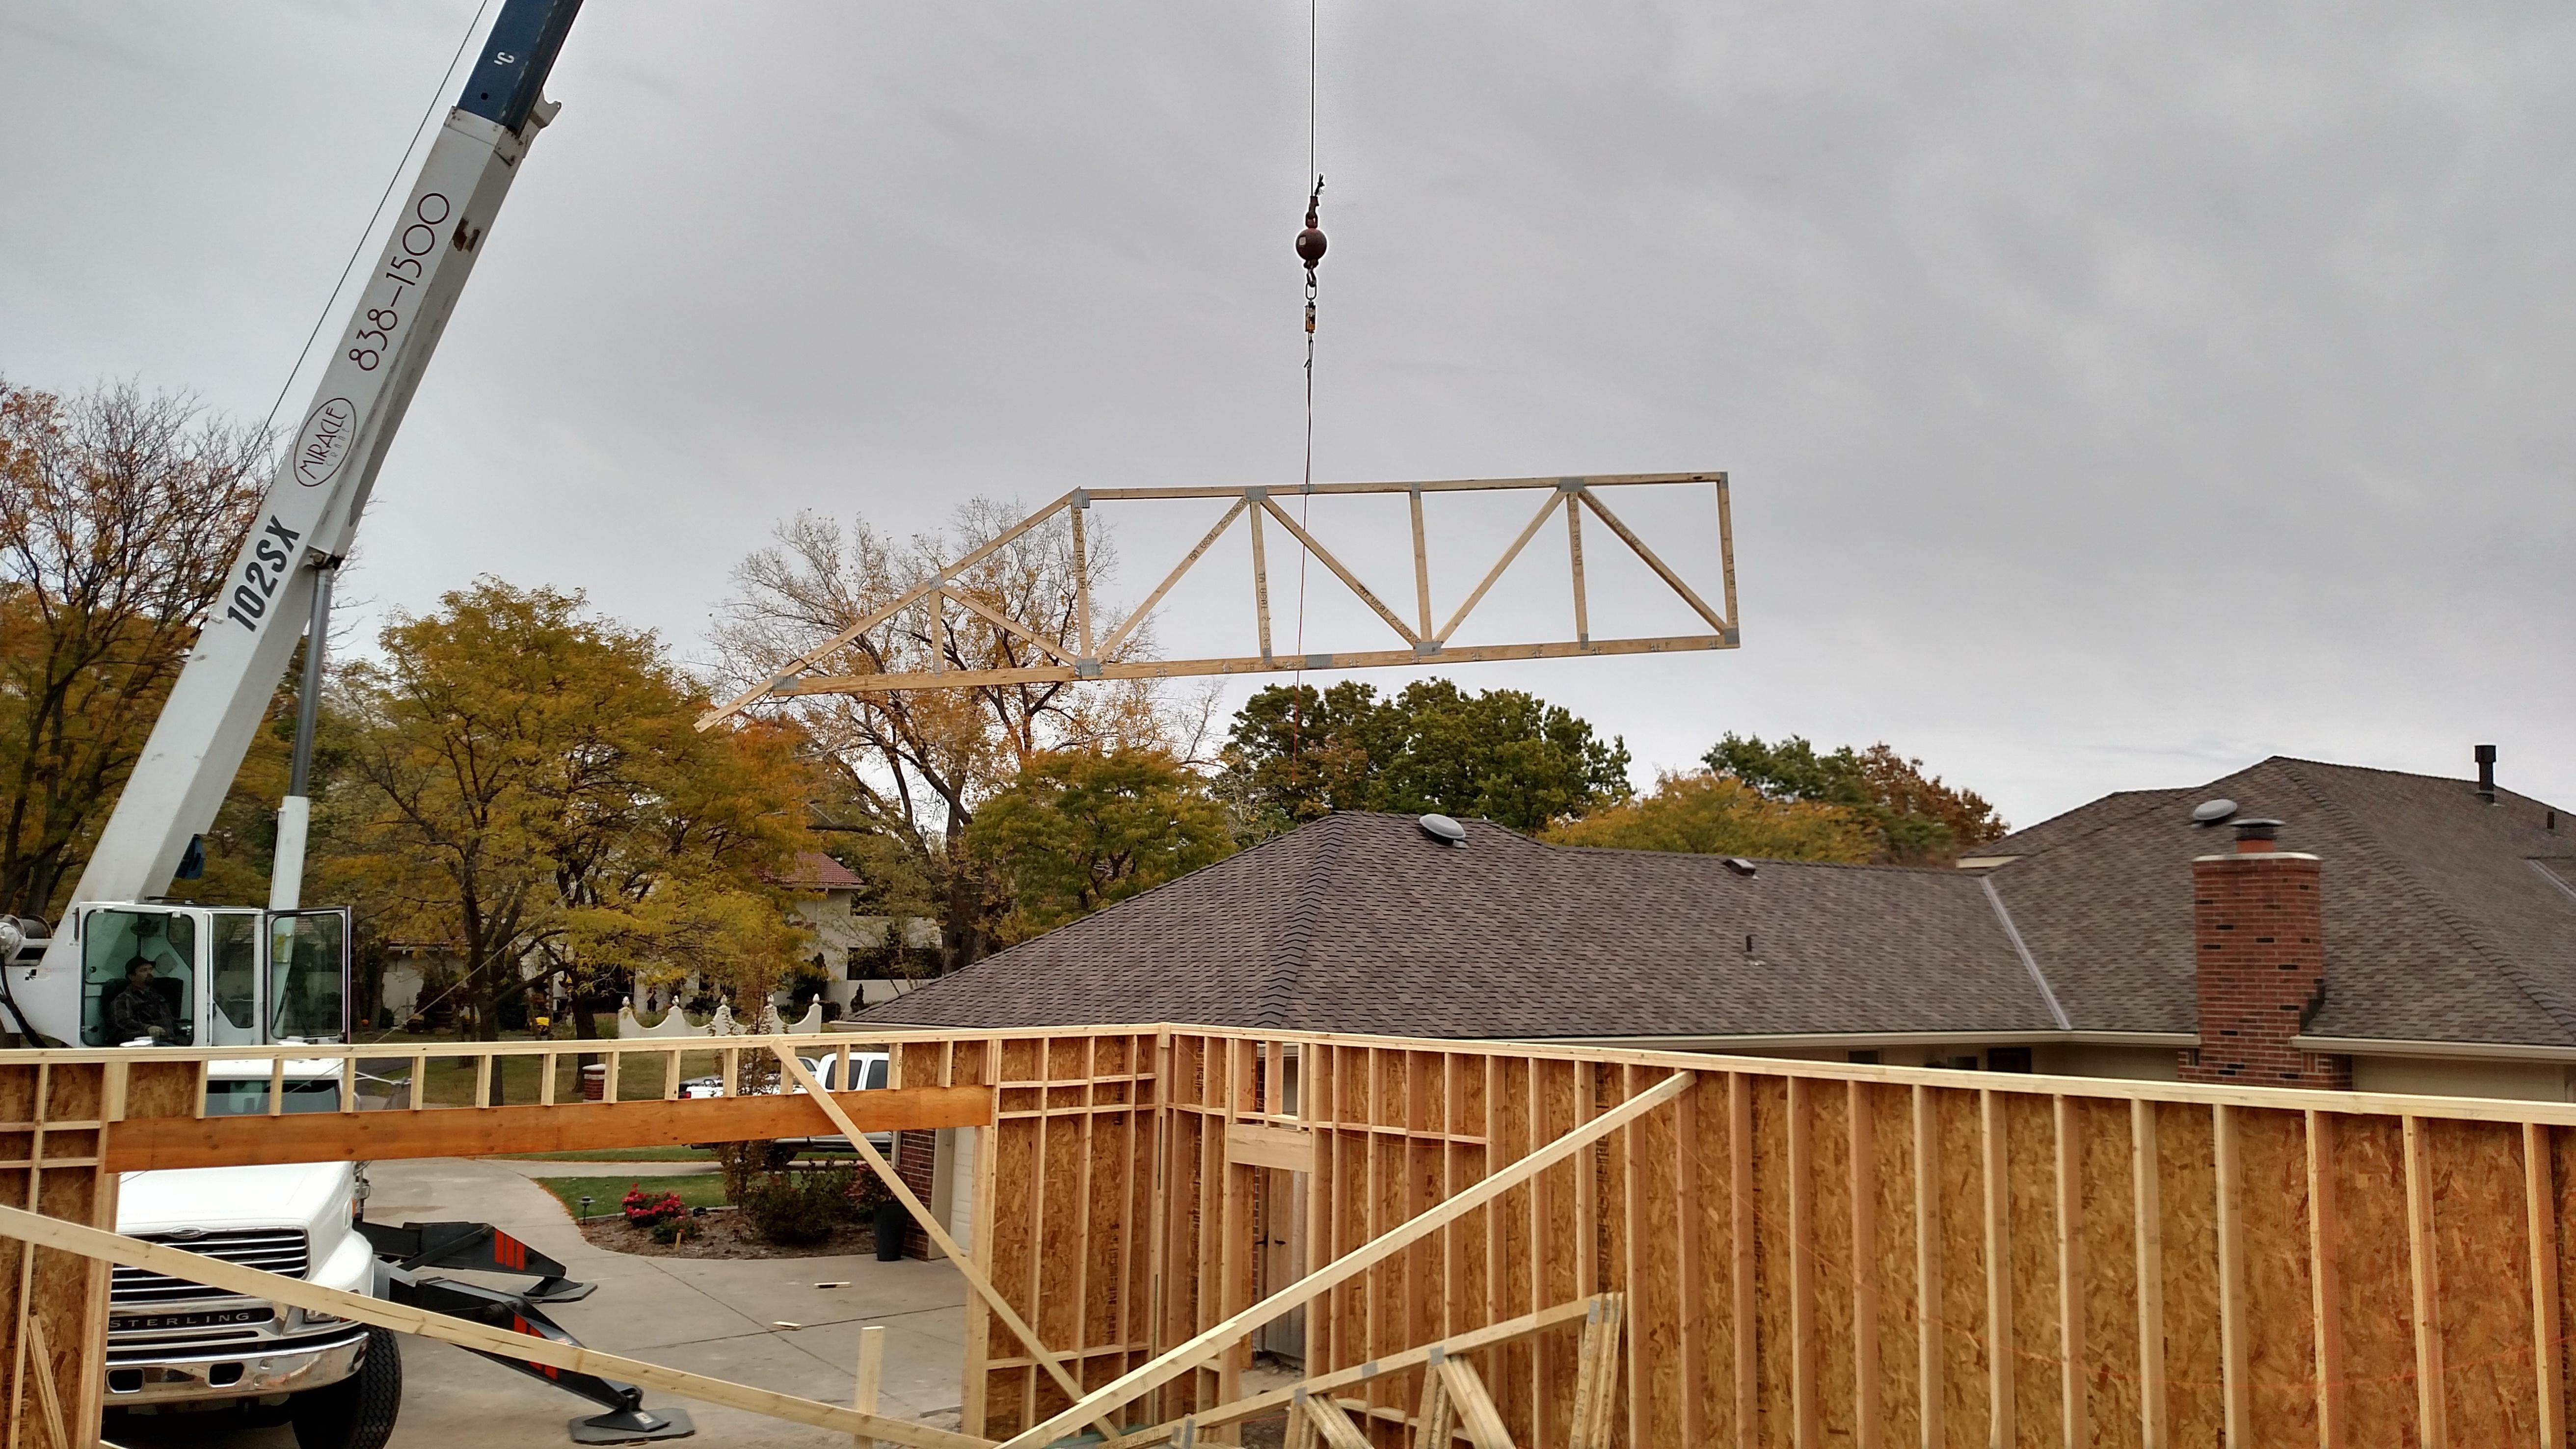 40 Types Star Lumber Wichita Kansas Wallpaper Cool Hd